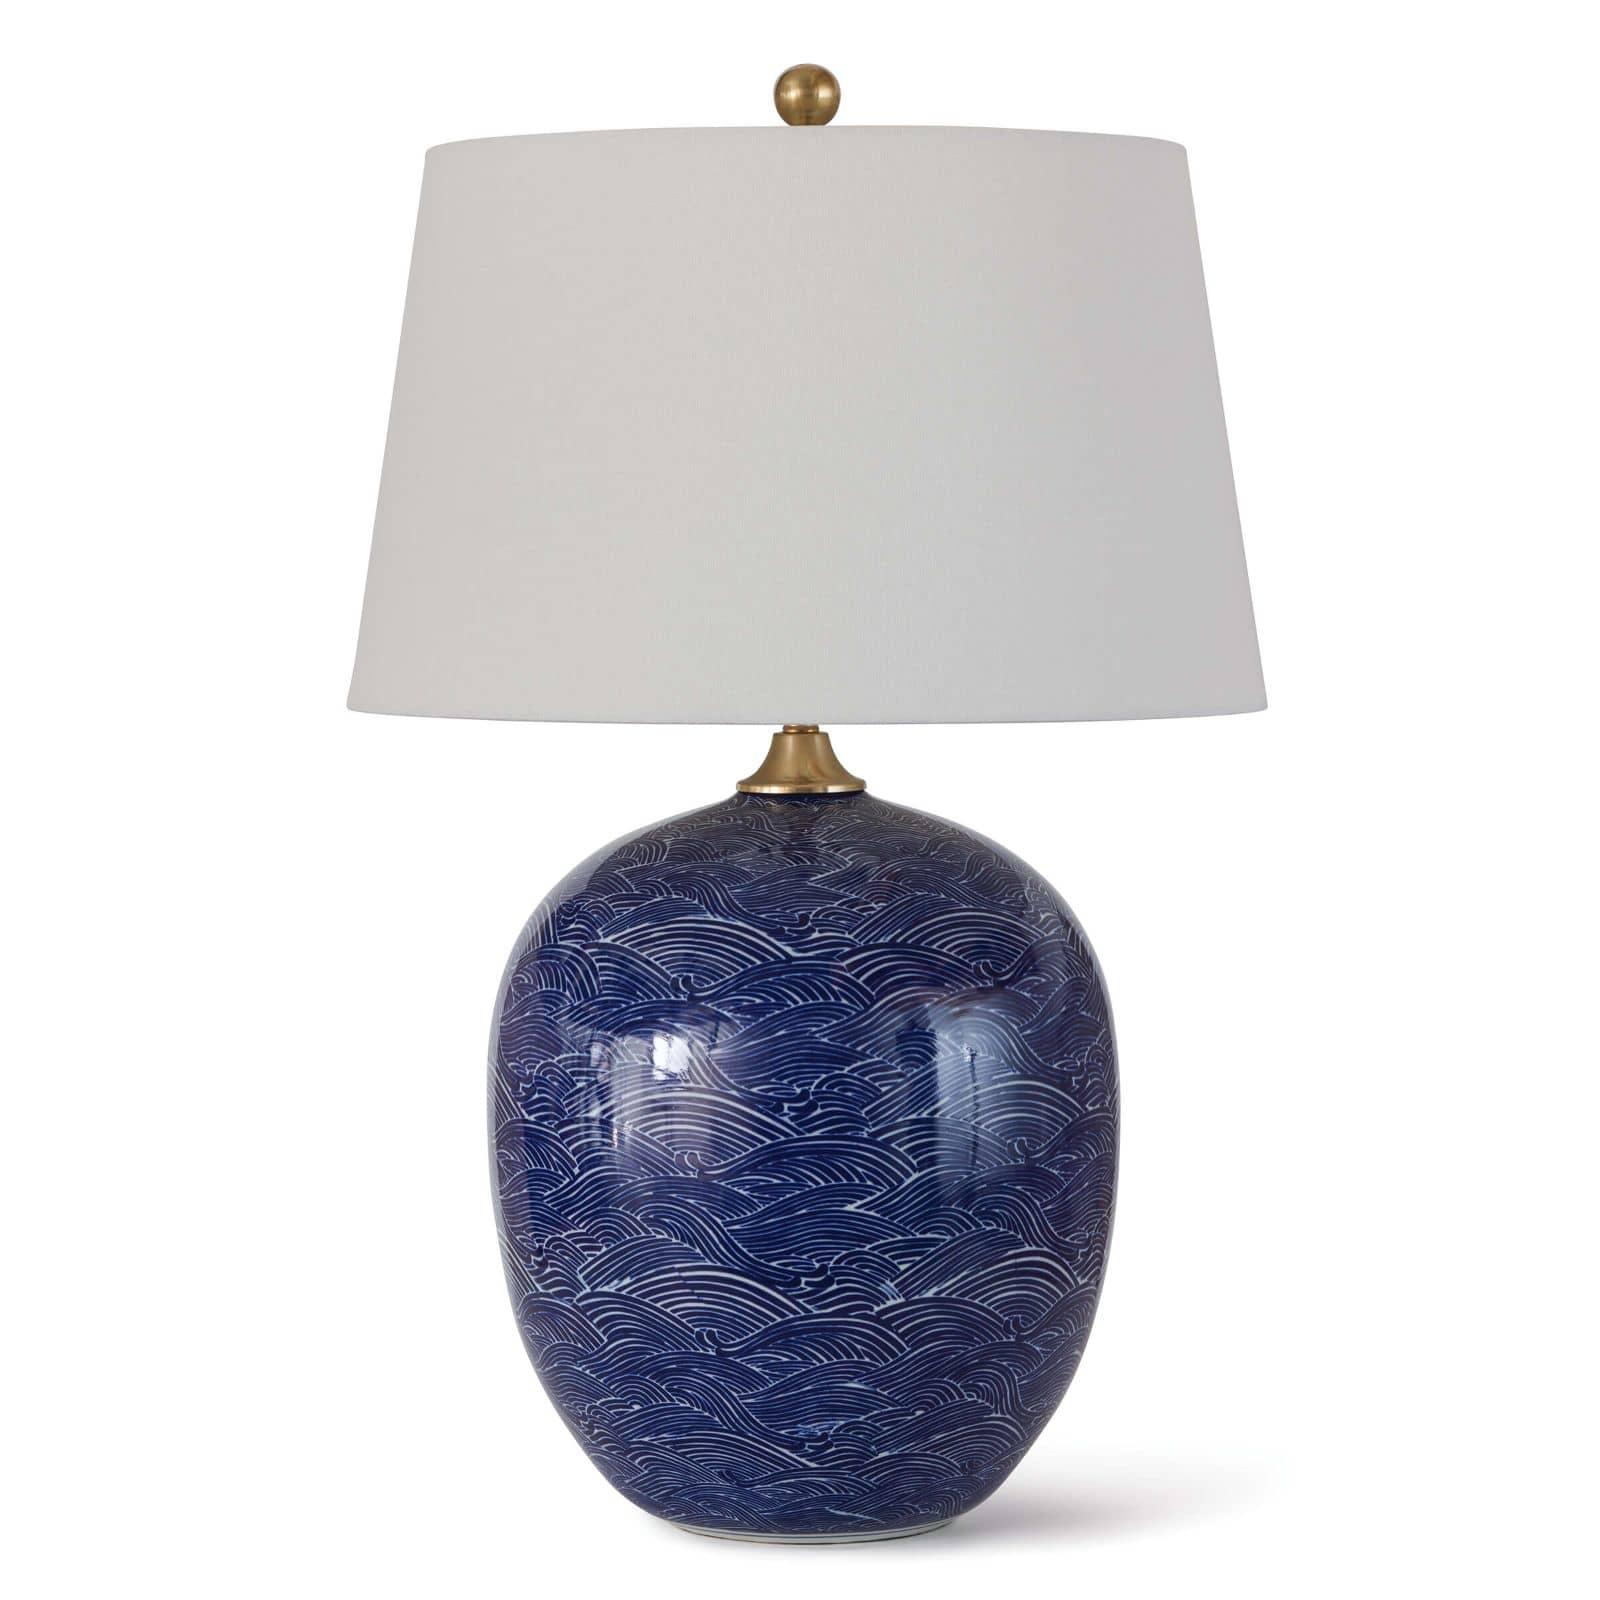 Harbor Ceramic Table Lamp Blue | Regina Andrew